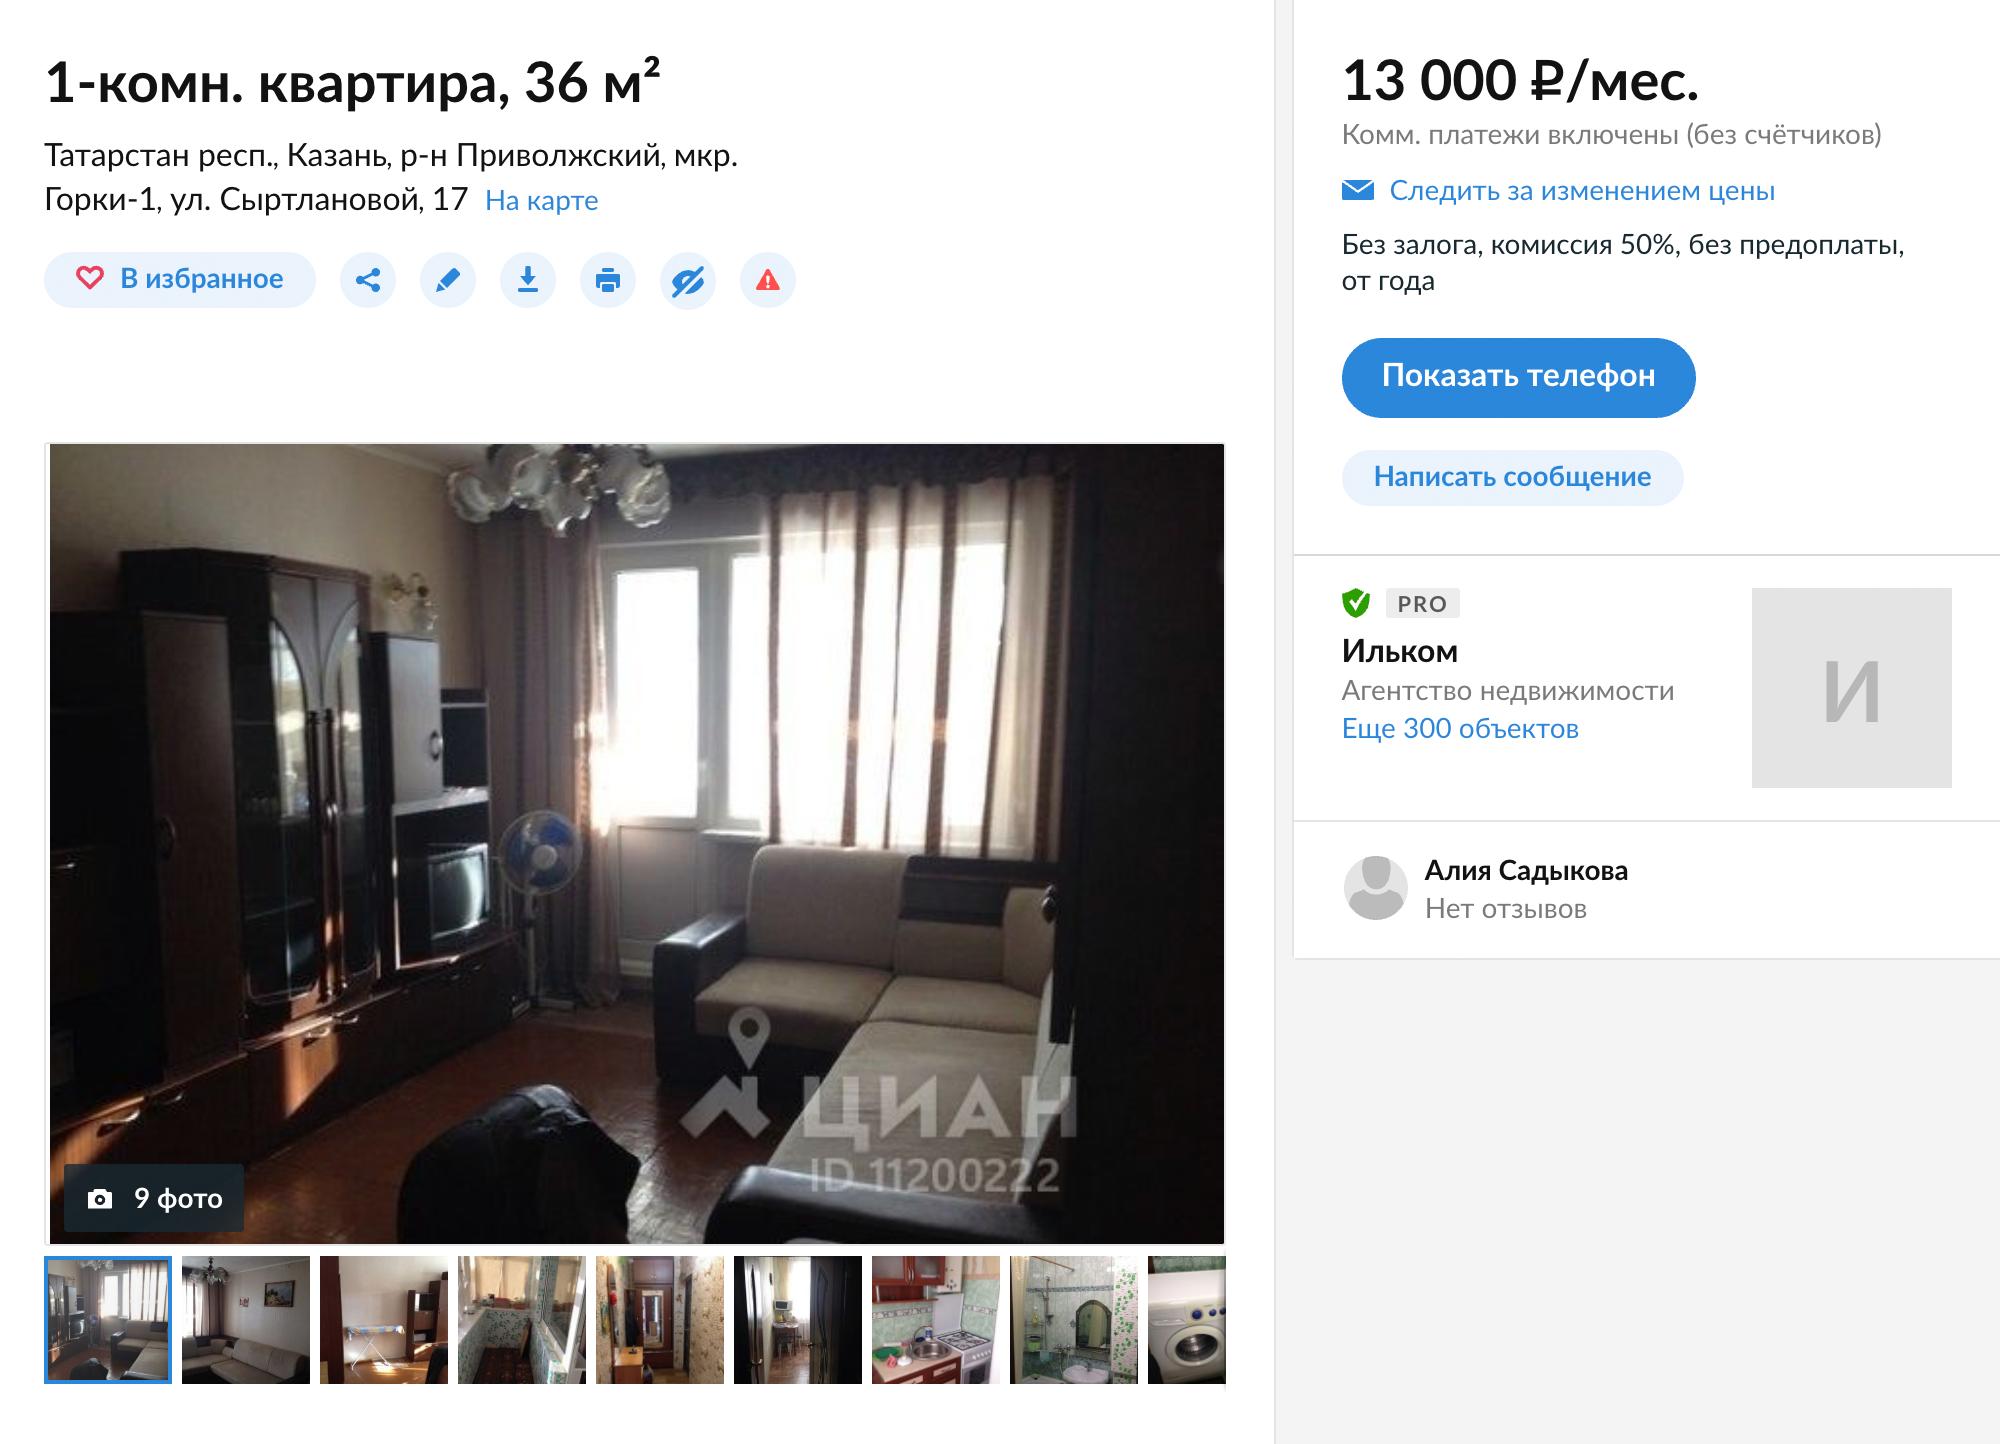 Небольшую квартиру на окраине города сдают за 13 тысяч рублей, коммунальные платежи включены в стоимость. Это хорошее предложение: в среднем жилье в этом районе сдают на две тысячи дороже